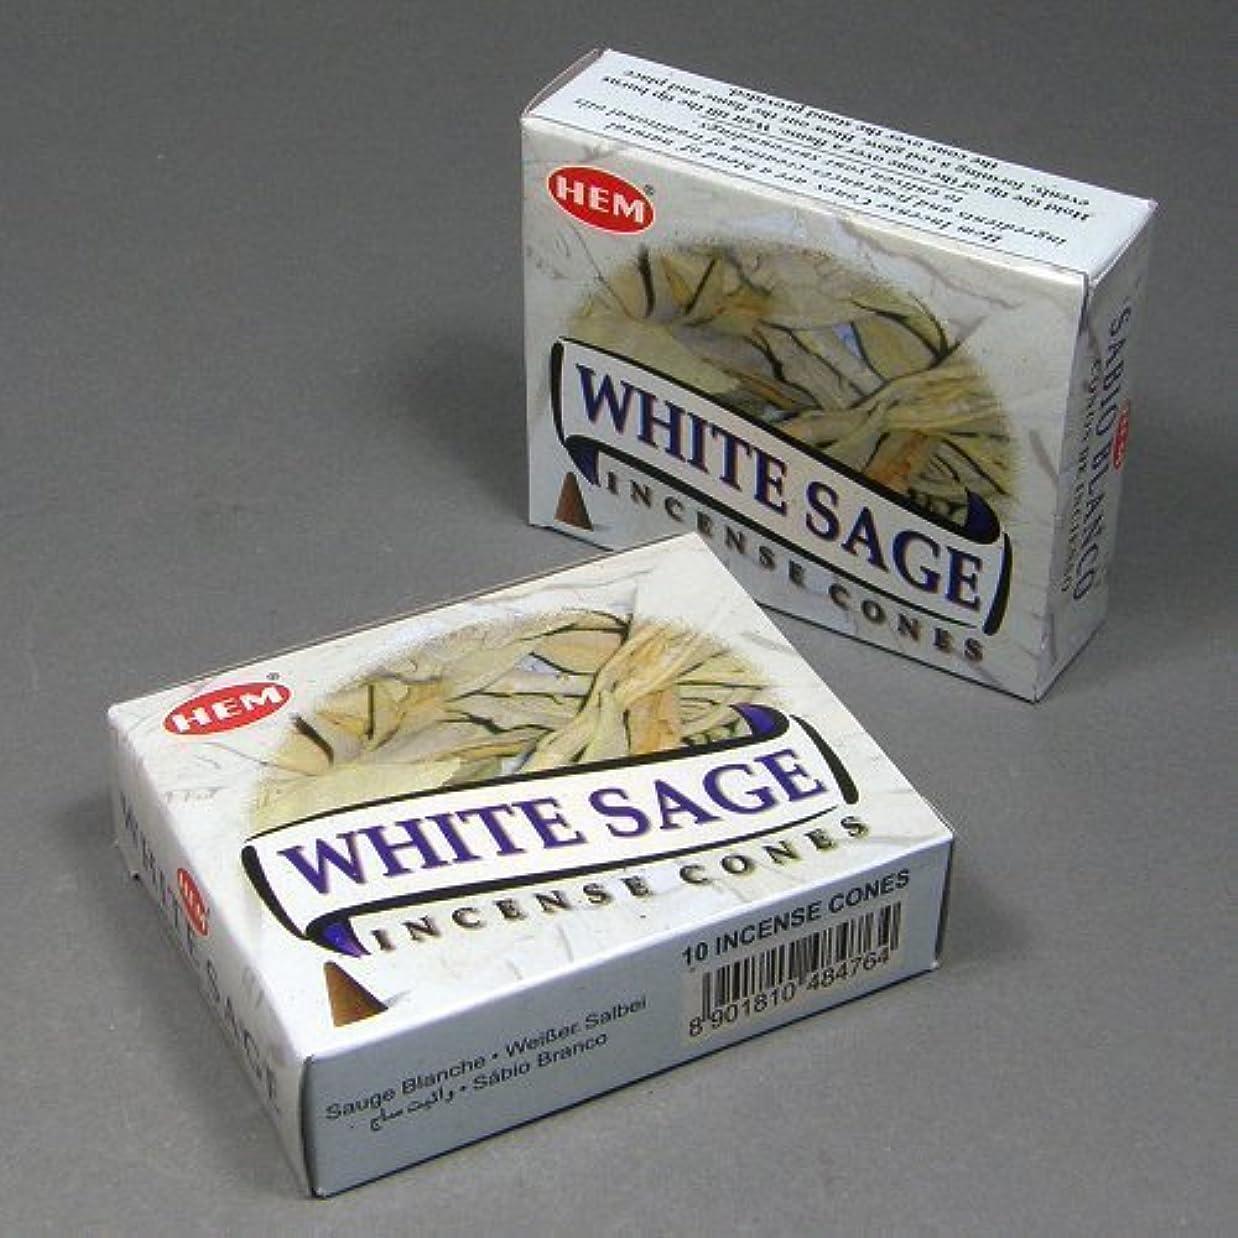 しなやかな掃除保証するHemホワイトセージ香Dhoop Cones、10円錐のペアボックス